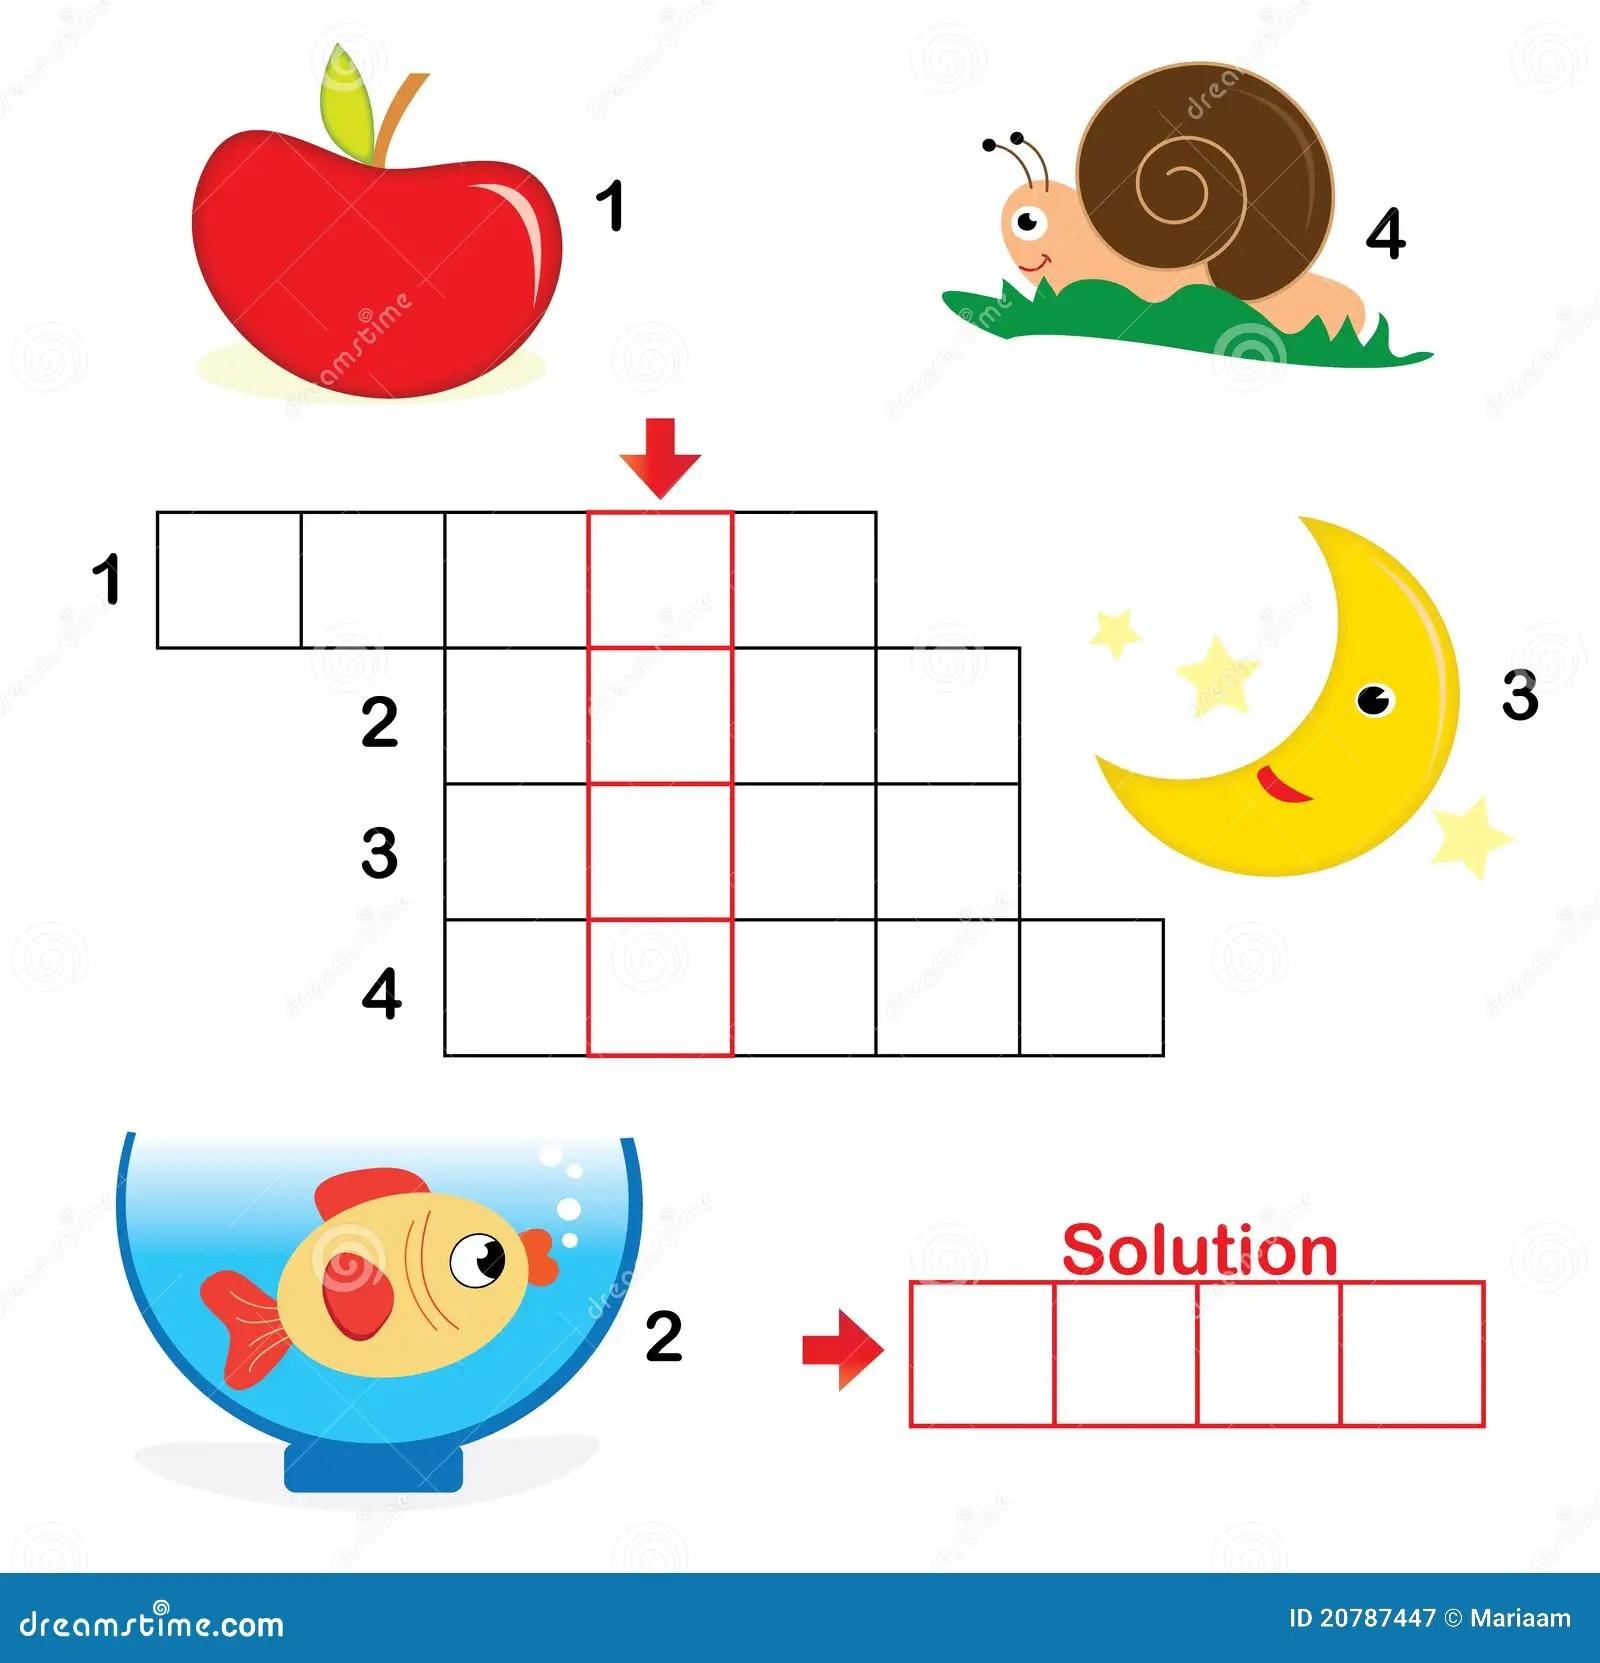 Crossword Puzzle For Children Part 1 Stock Vector